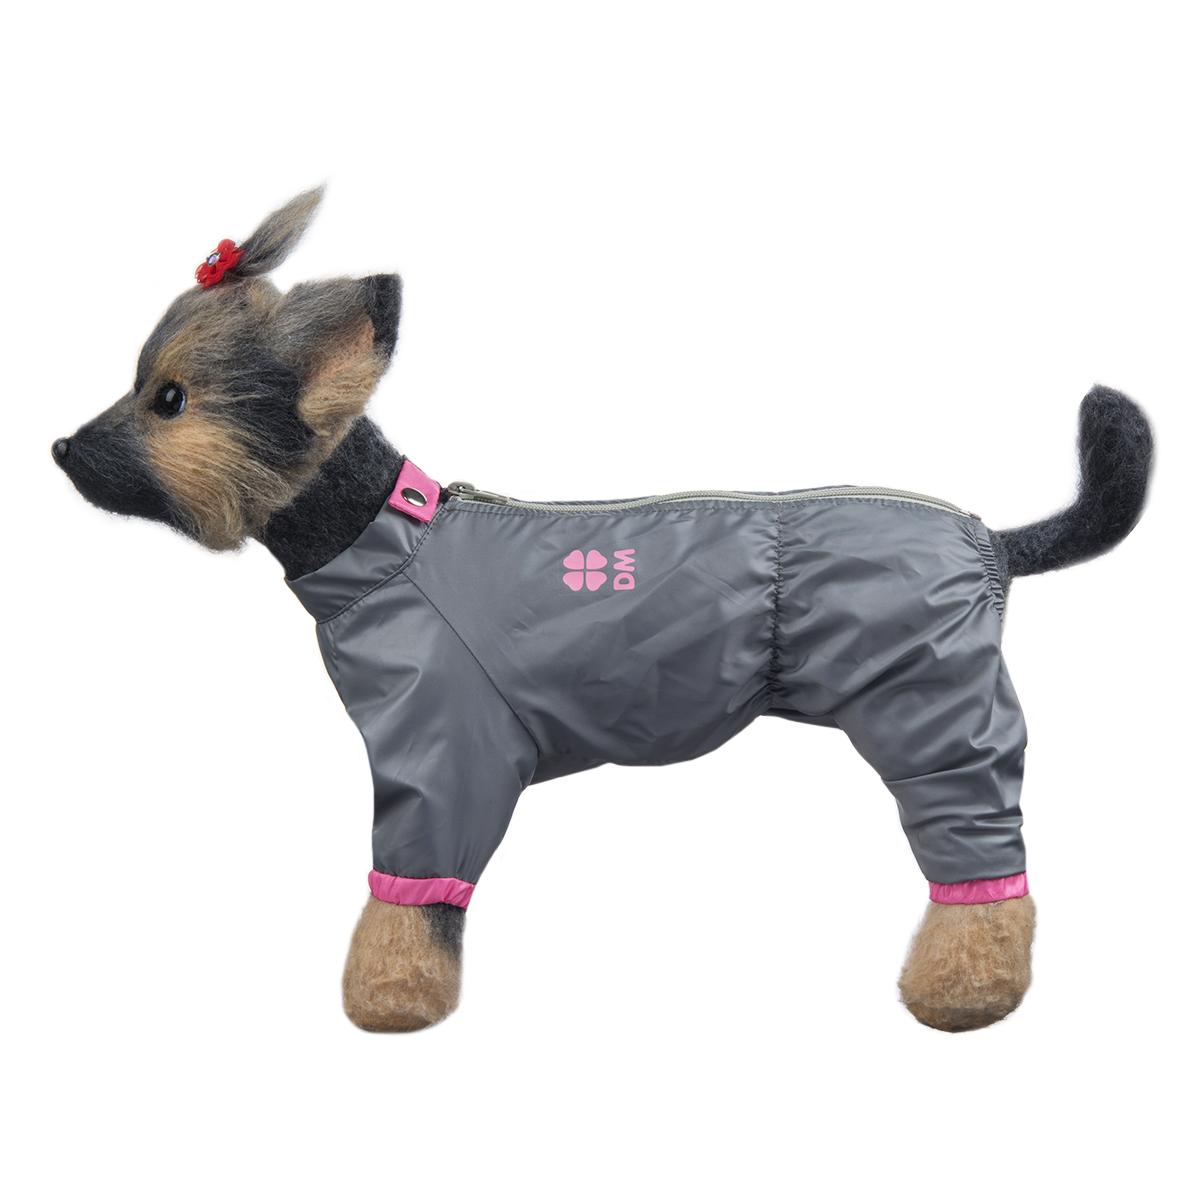 Комбинезон для собак Dogmoda Тревел, для девочки, цвет: серый, розовый. Размер 3 (L)